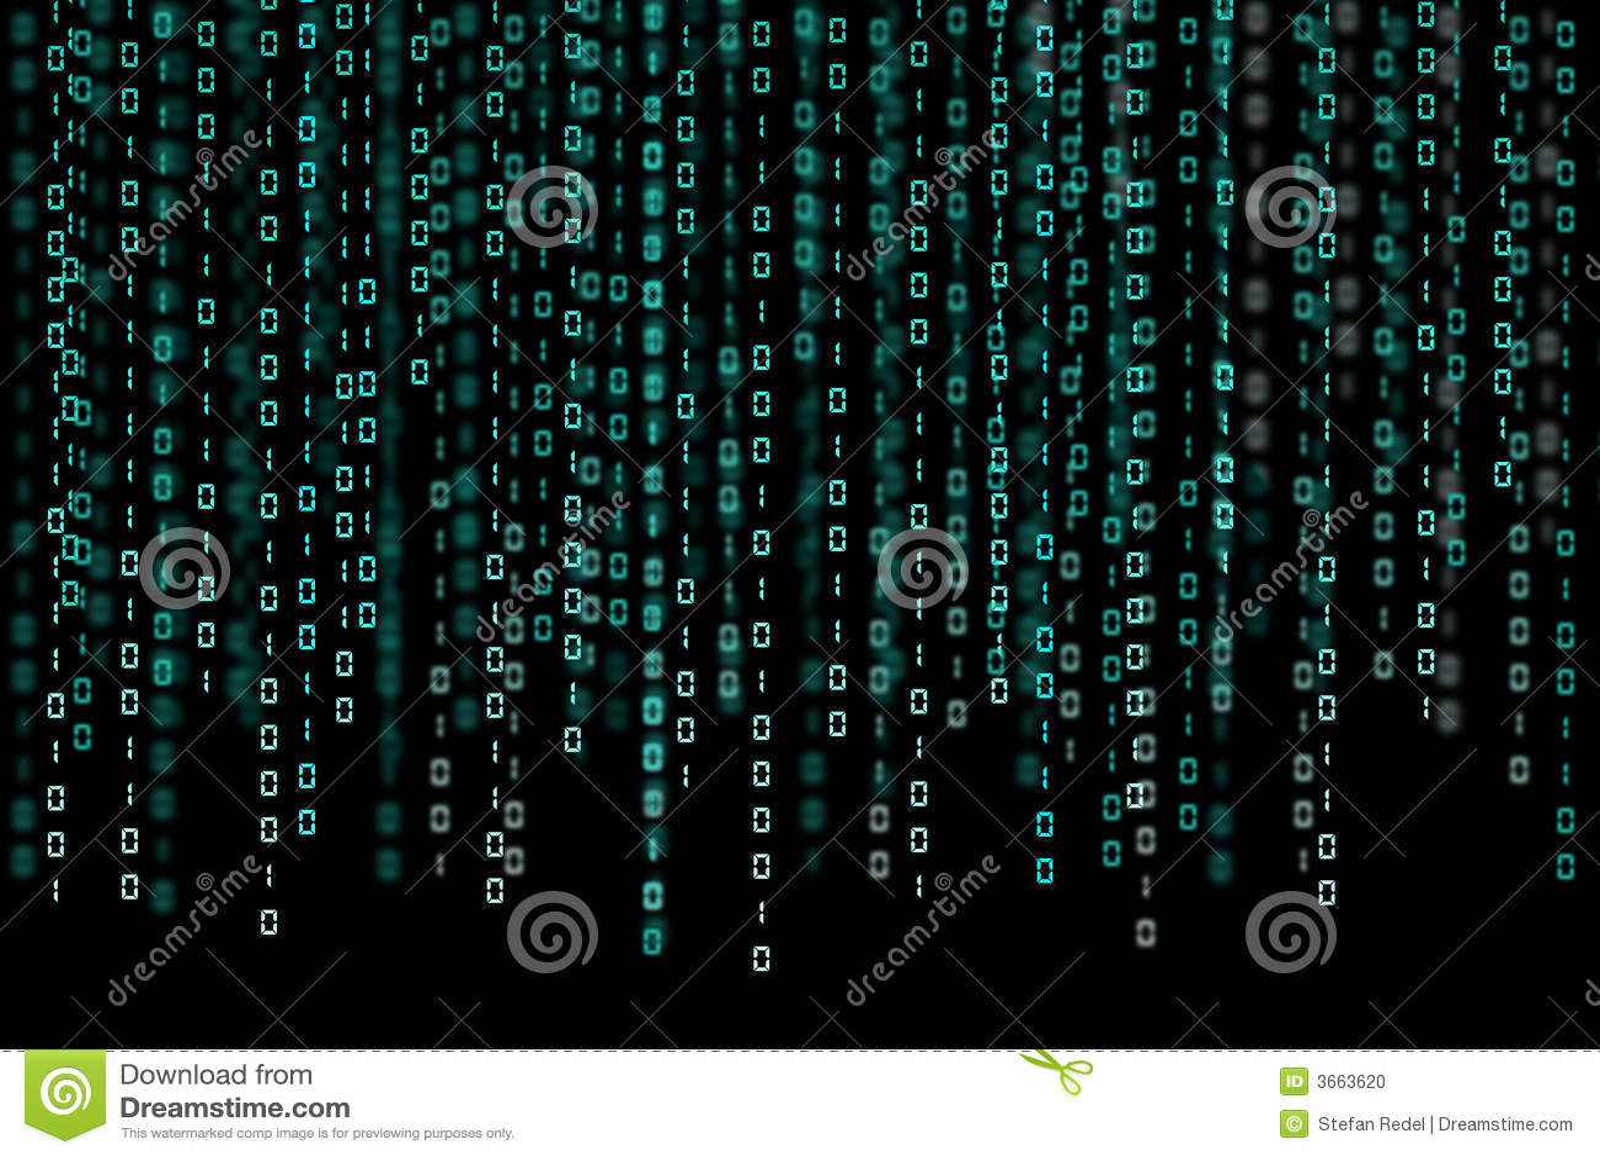 Binary Code Stock Photo - Image: 3663620